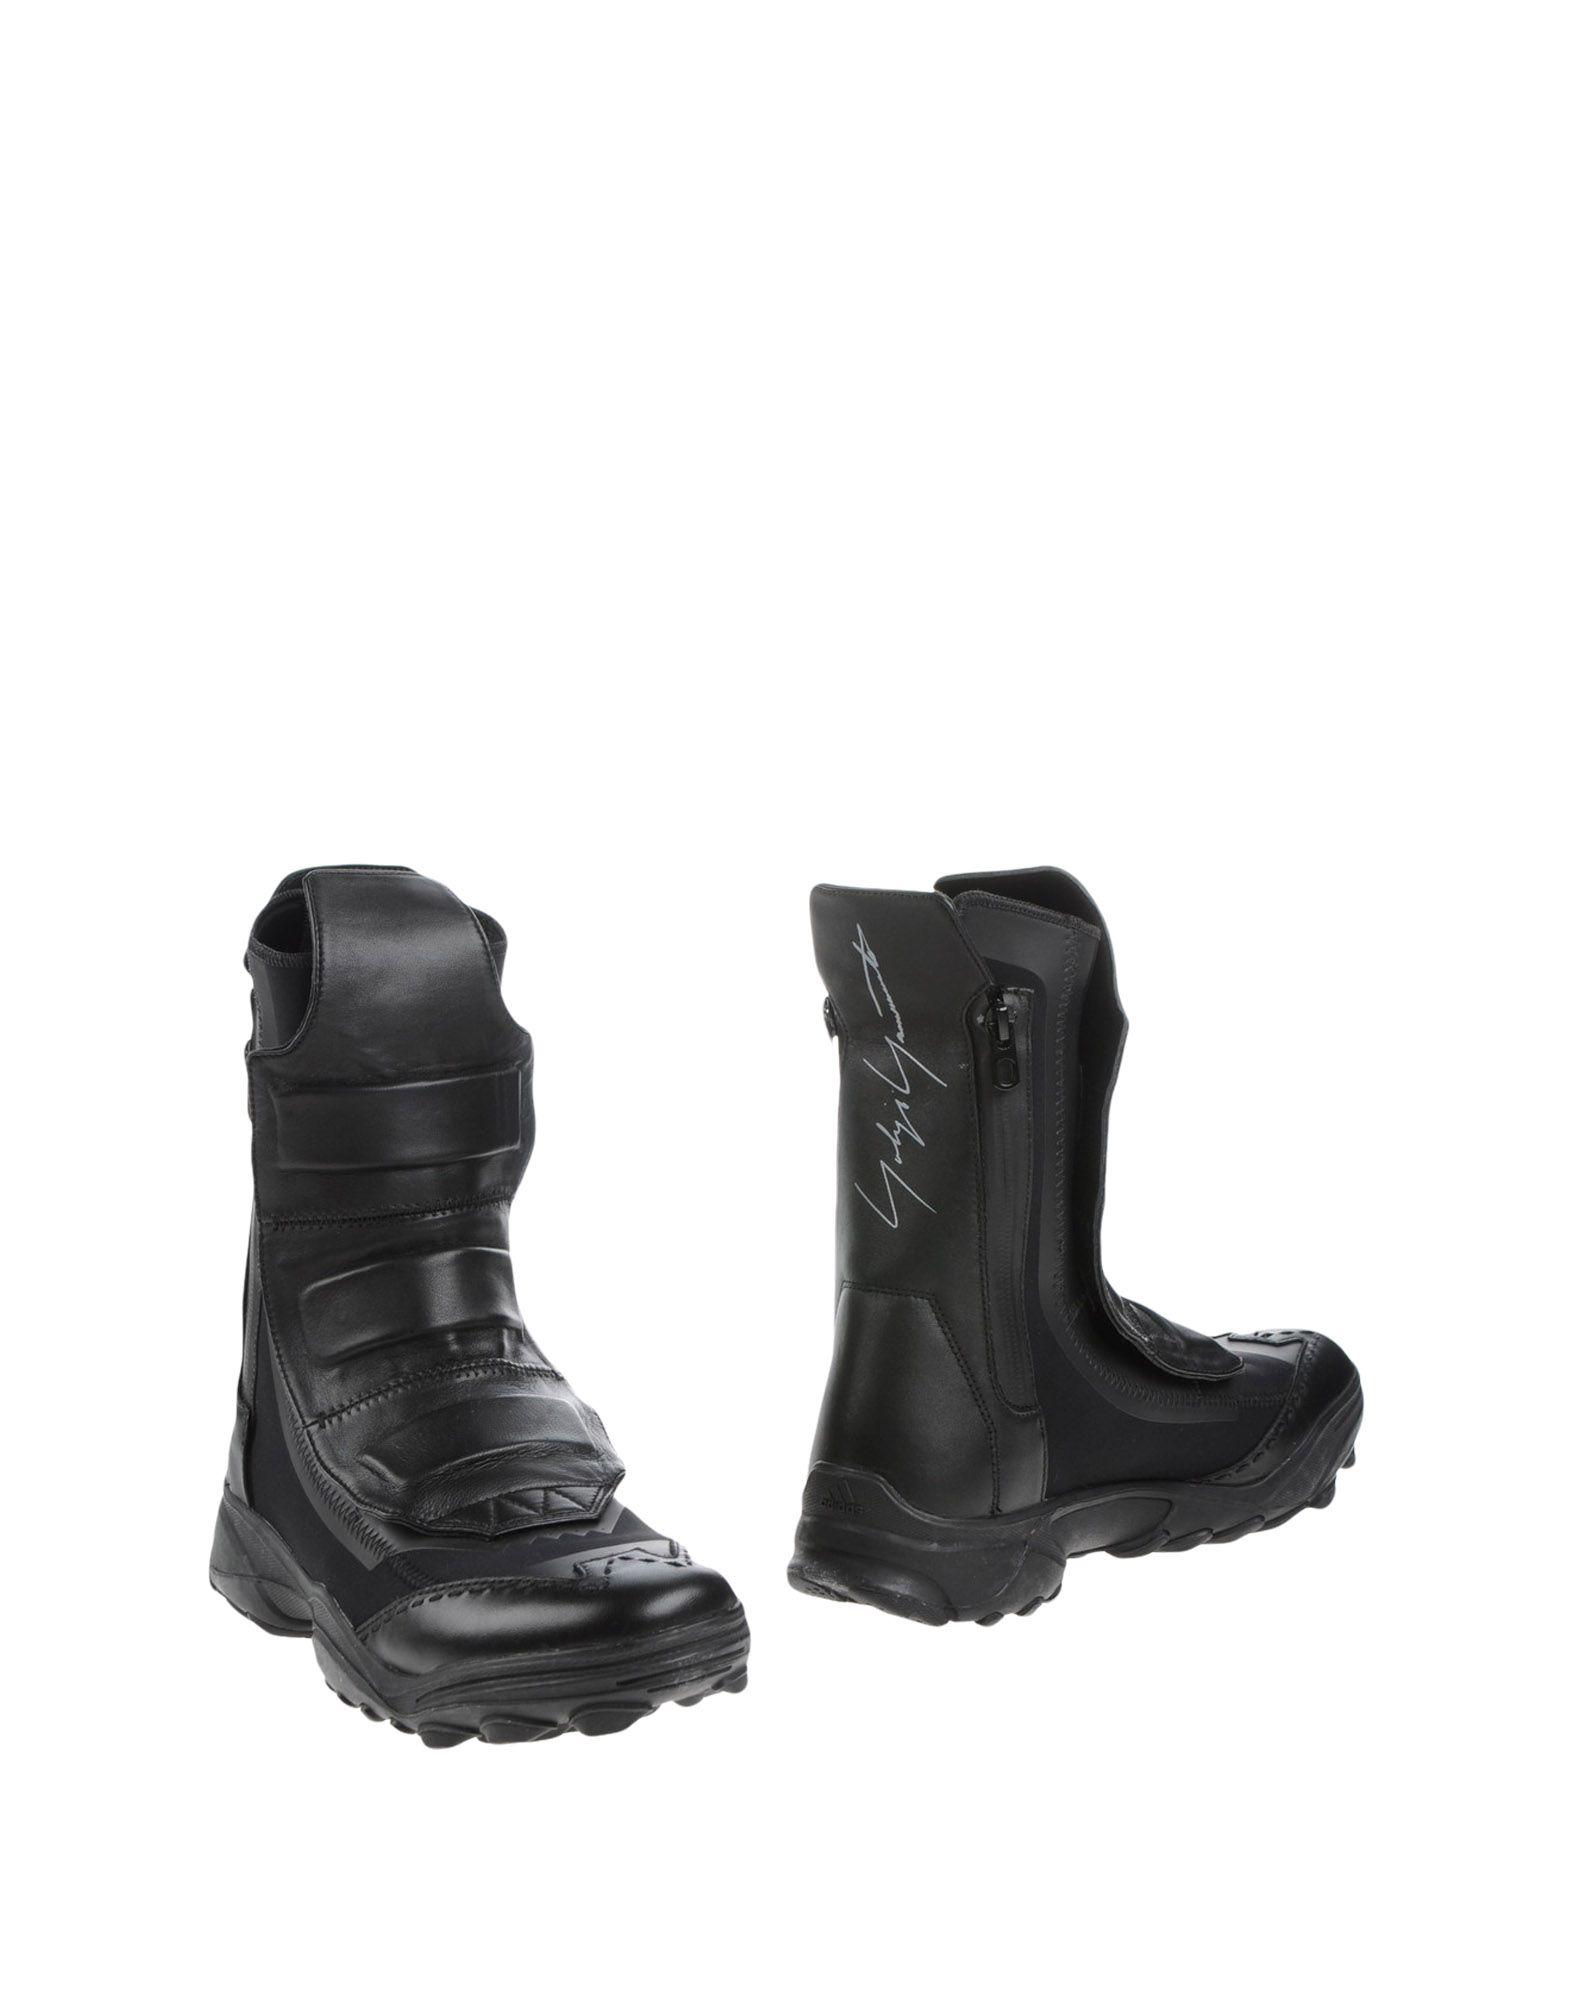 цены на ADIDAS by YOHJI YAMAMOTO Полусапоги и высокие ботинки в интернет-магазинах